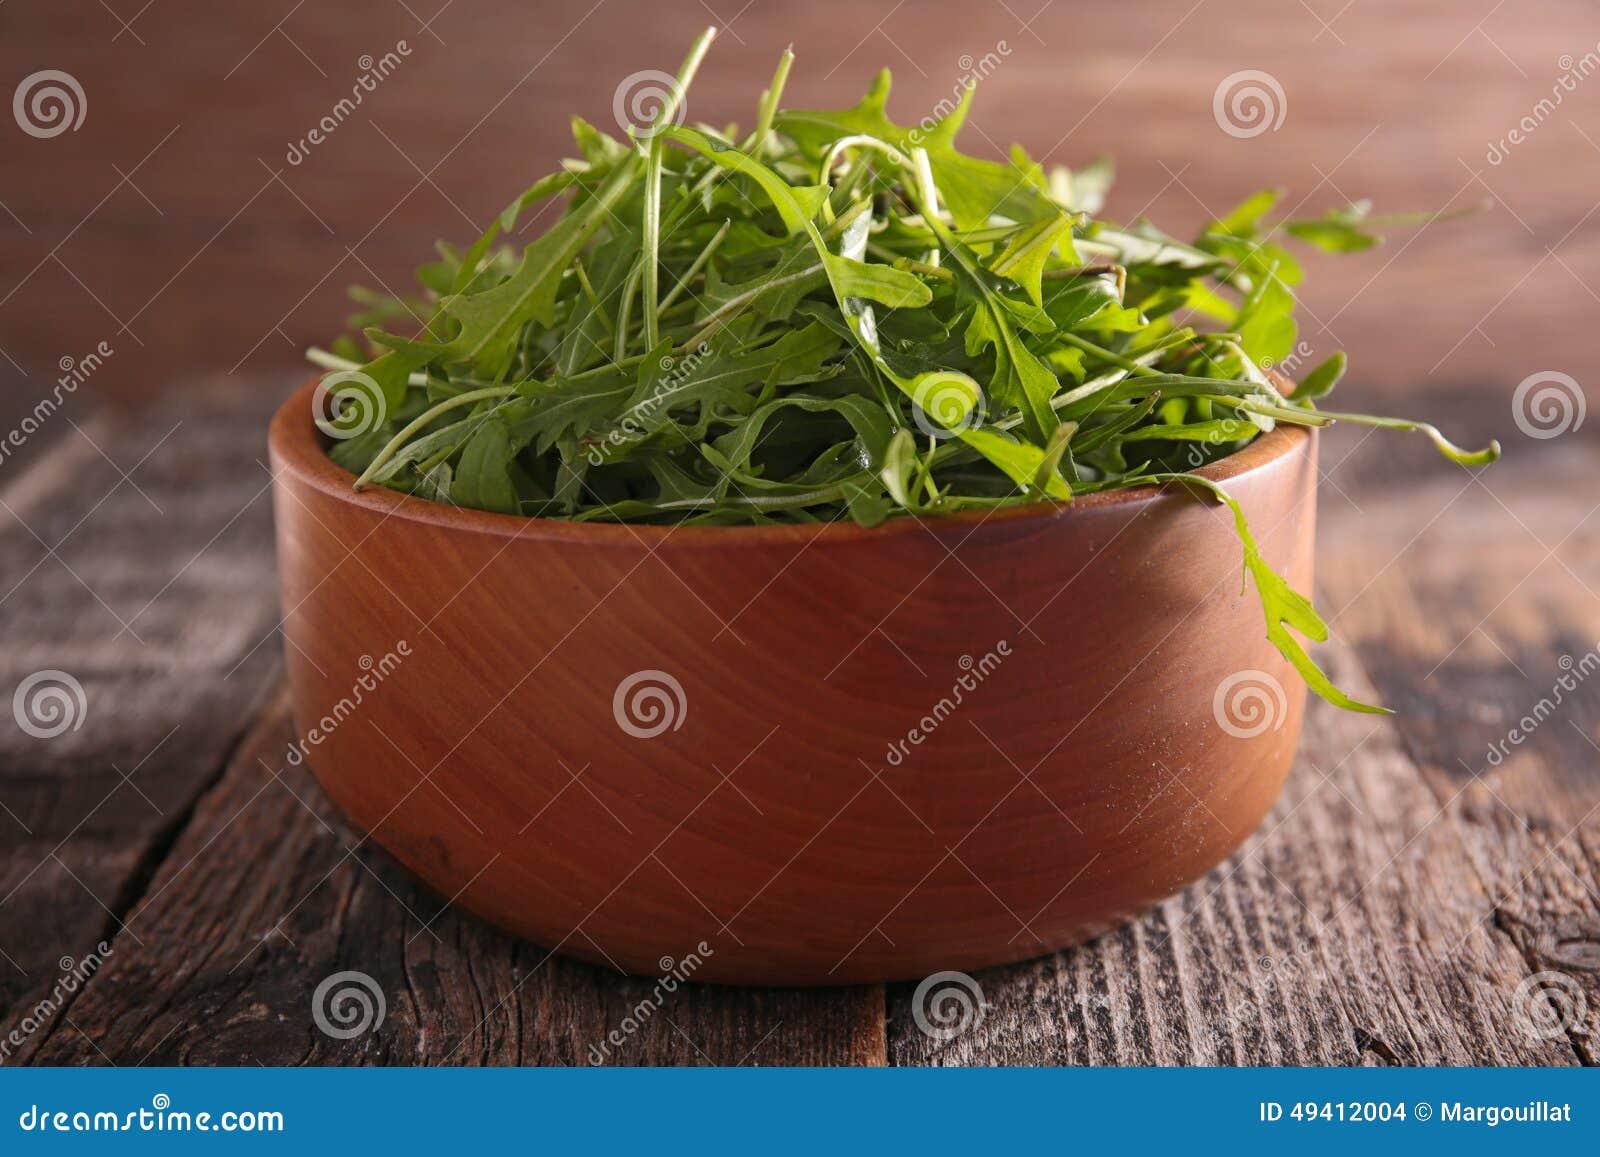 Download Arugula stockfoto. Bild von hintergrund, gesund, cuisine - 49412004